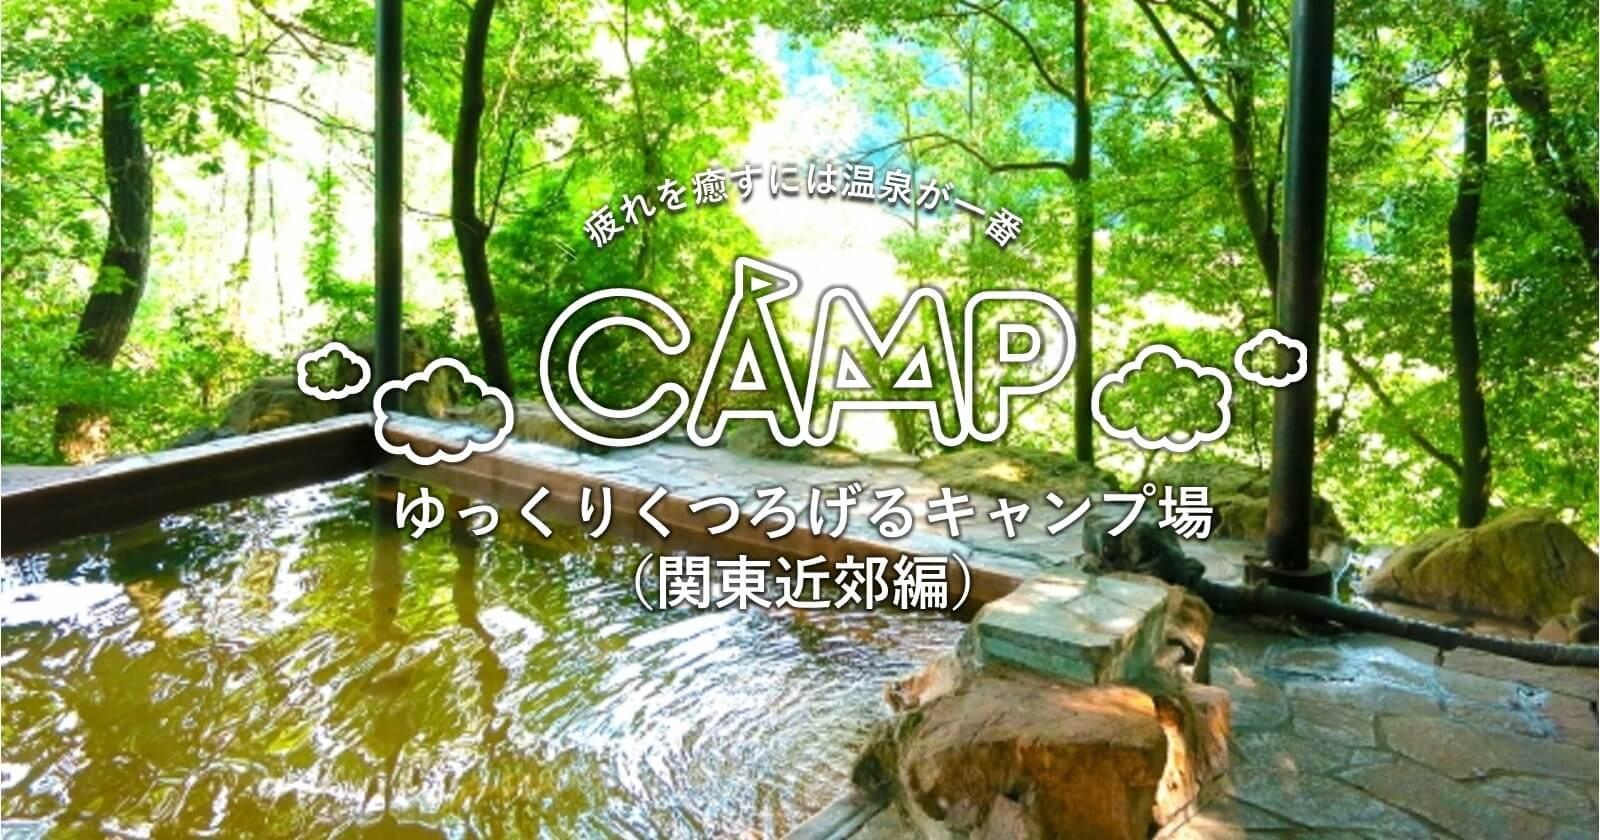 疲れを癒すには温泉が一番 ゆっくりくつろげるキャンプ場をご紹介